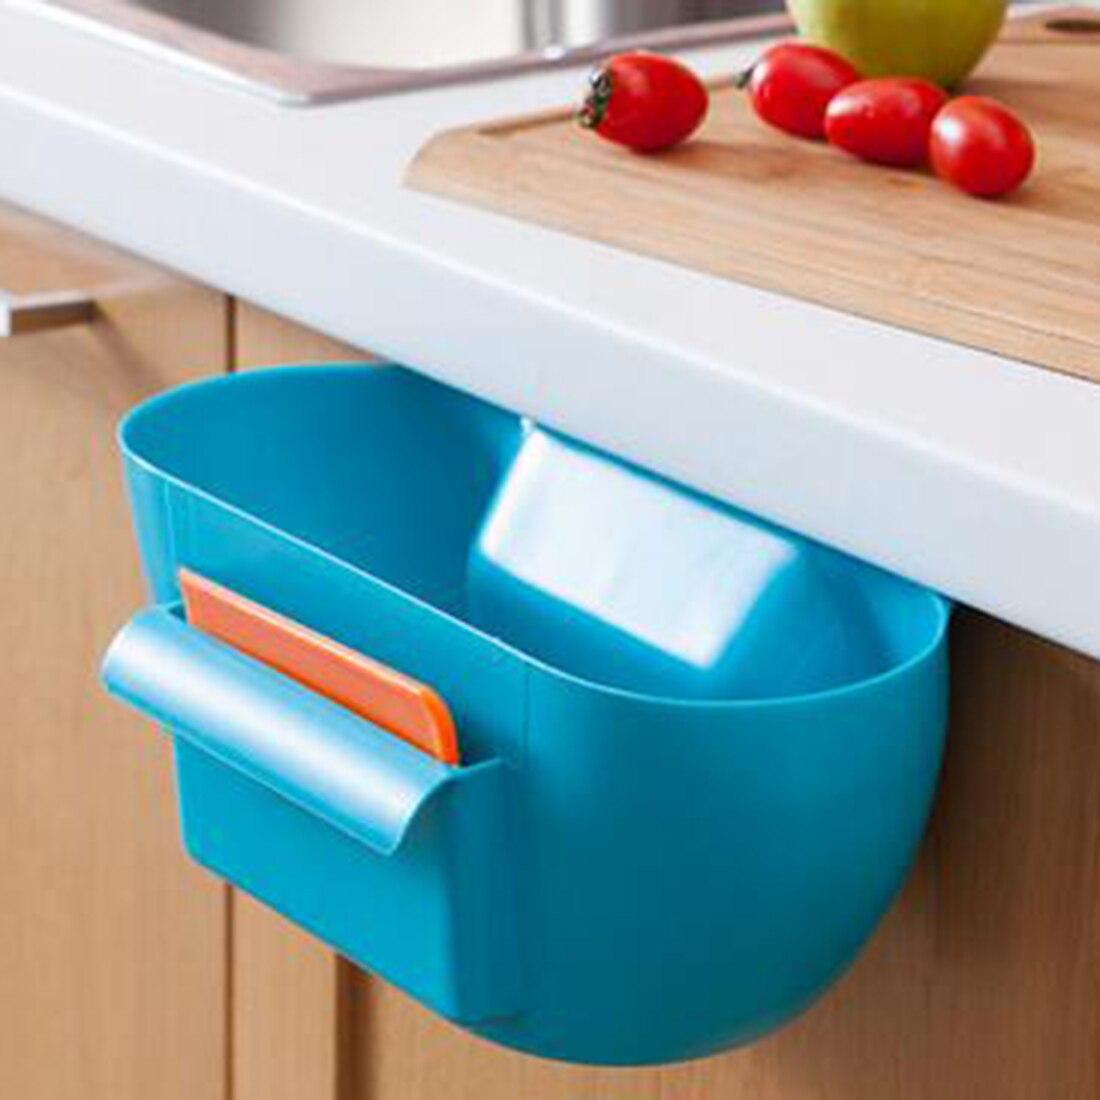 küchenschrank boxen werbeaktion-shop für werbeaktion k&uuml